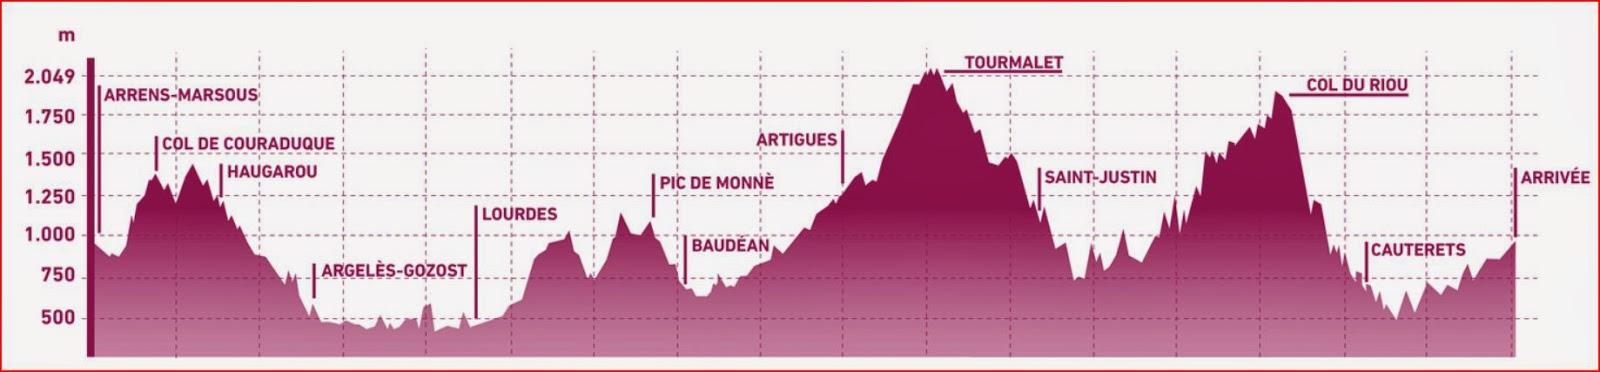 http://www.pedalsdutourmalet.com/ruta/itinerario/